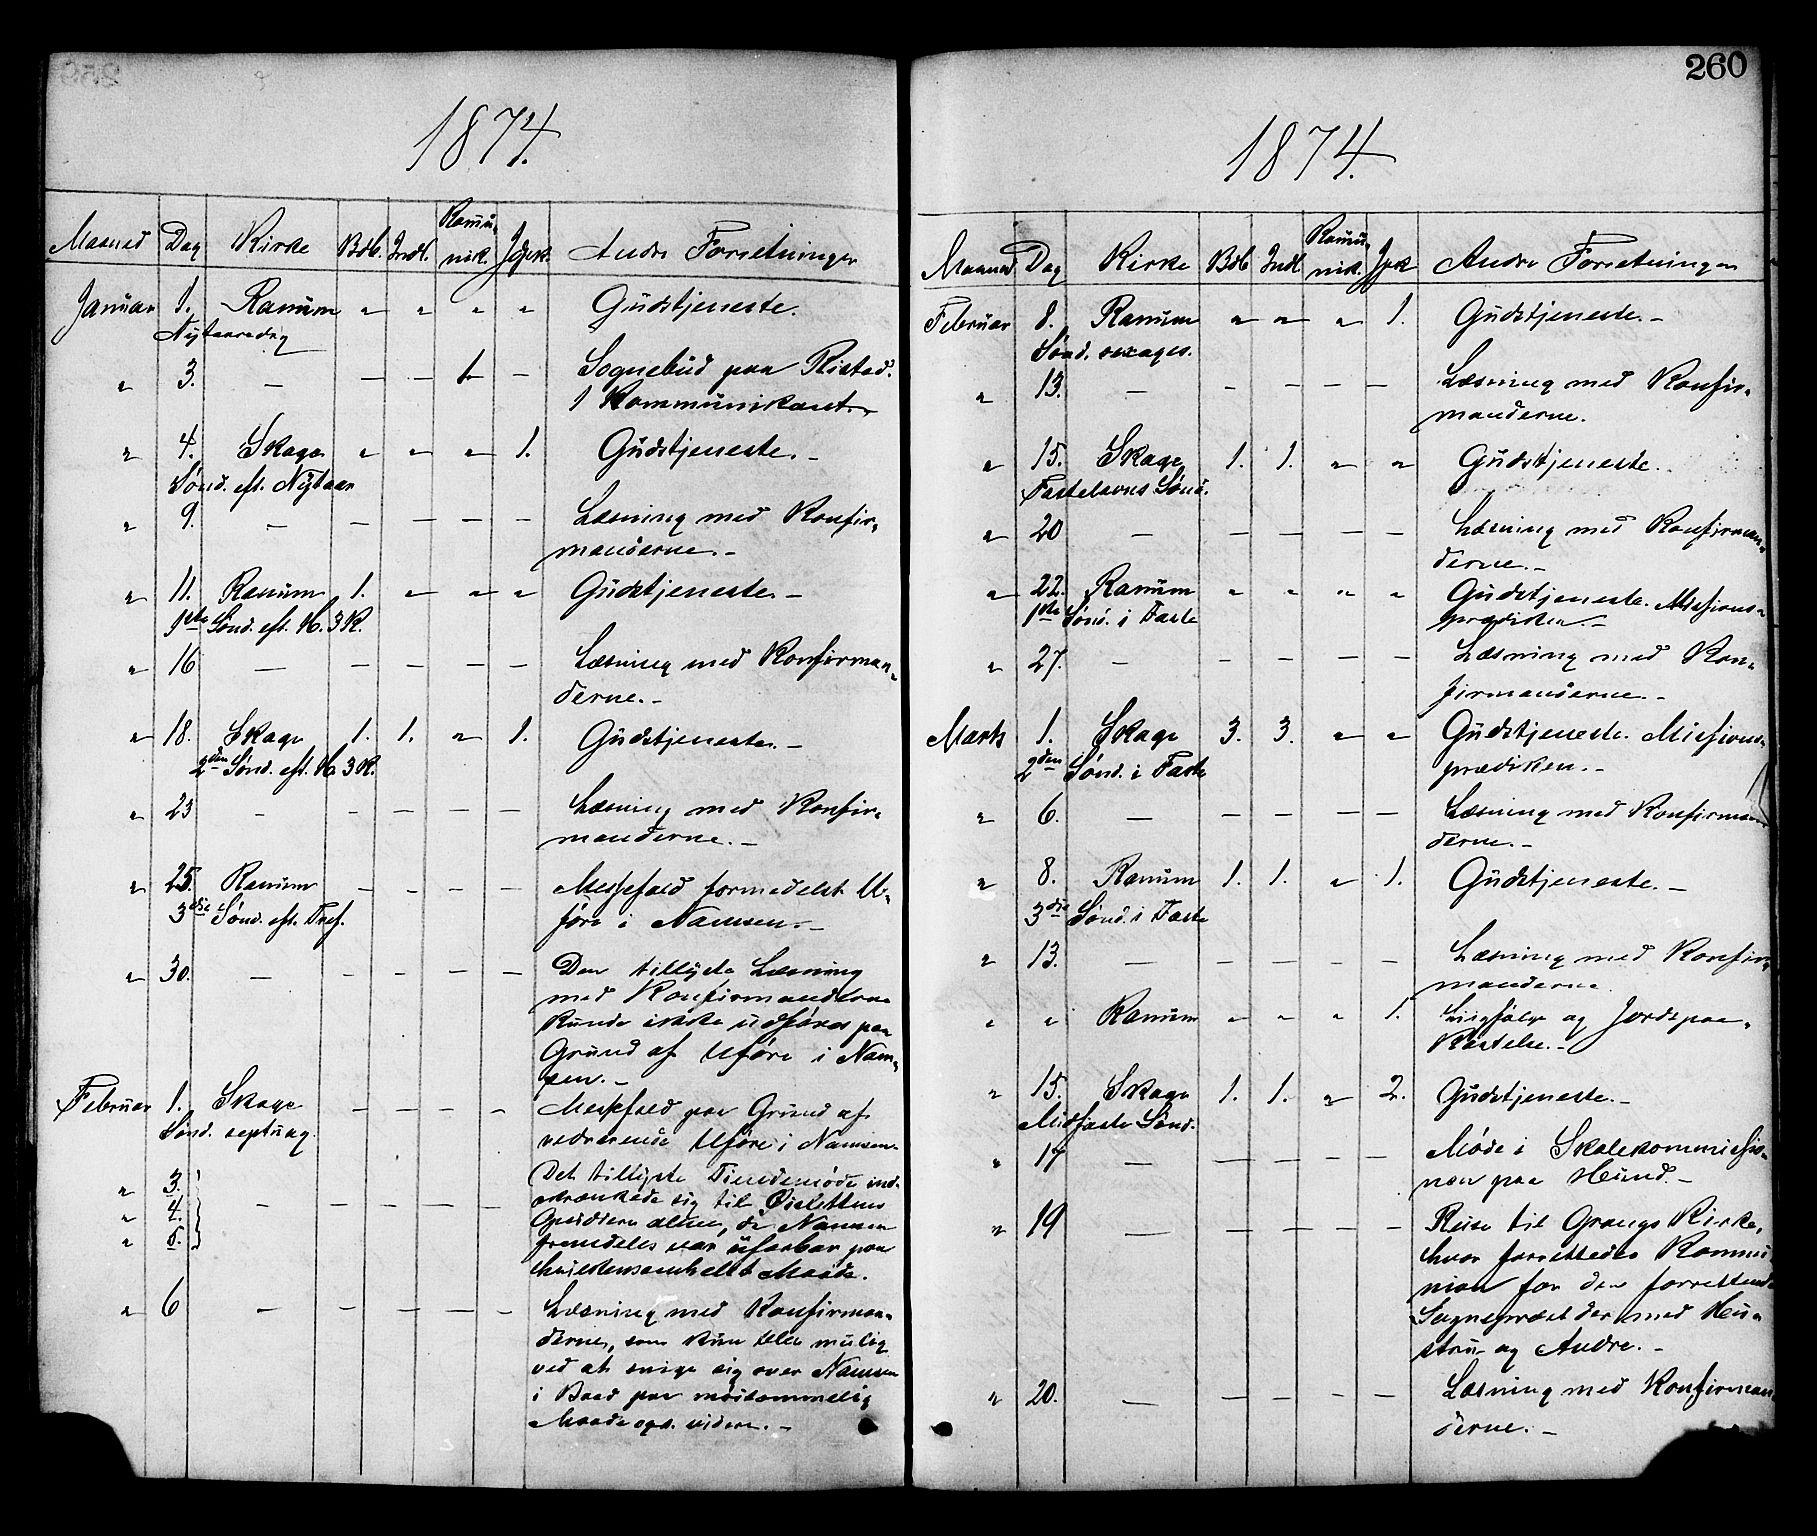 SAT, Ministerialprotokoller, klokkerbøker og fødselsregistre - Nord-Trøndelag, 764/L0554: Ministerialbok nr. 764A09, 1867-1880, s. 260